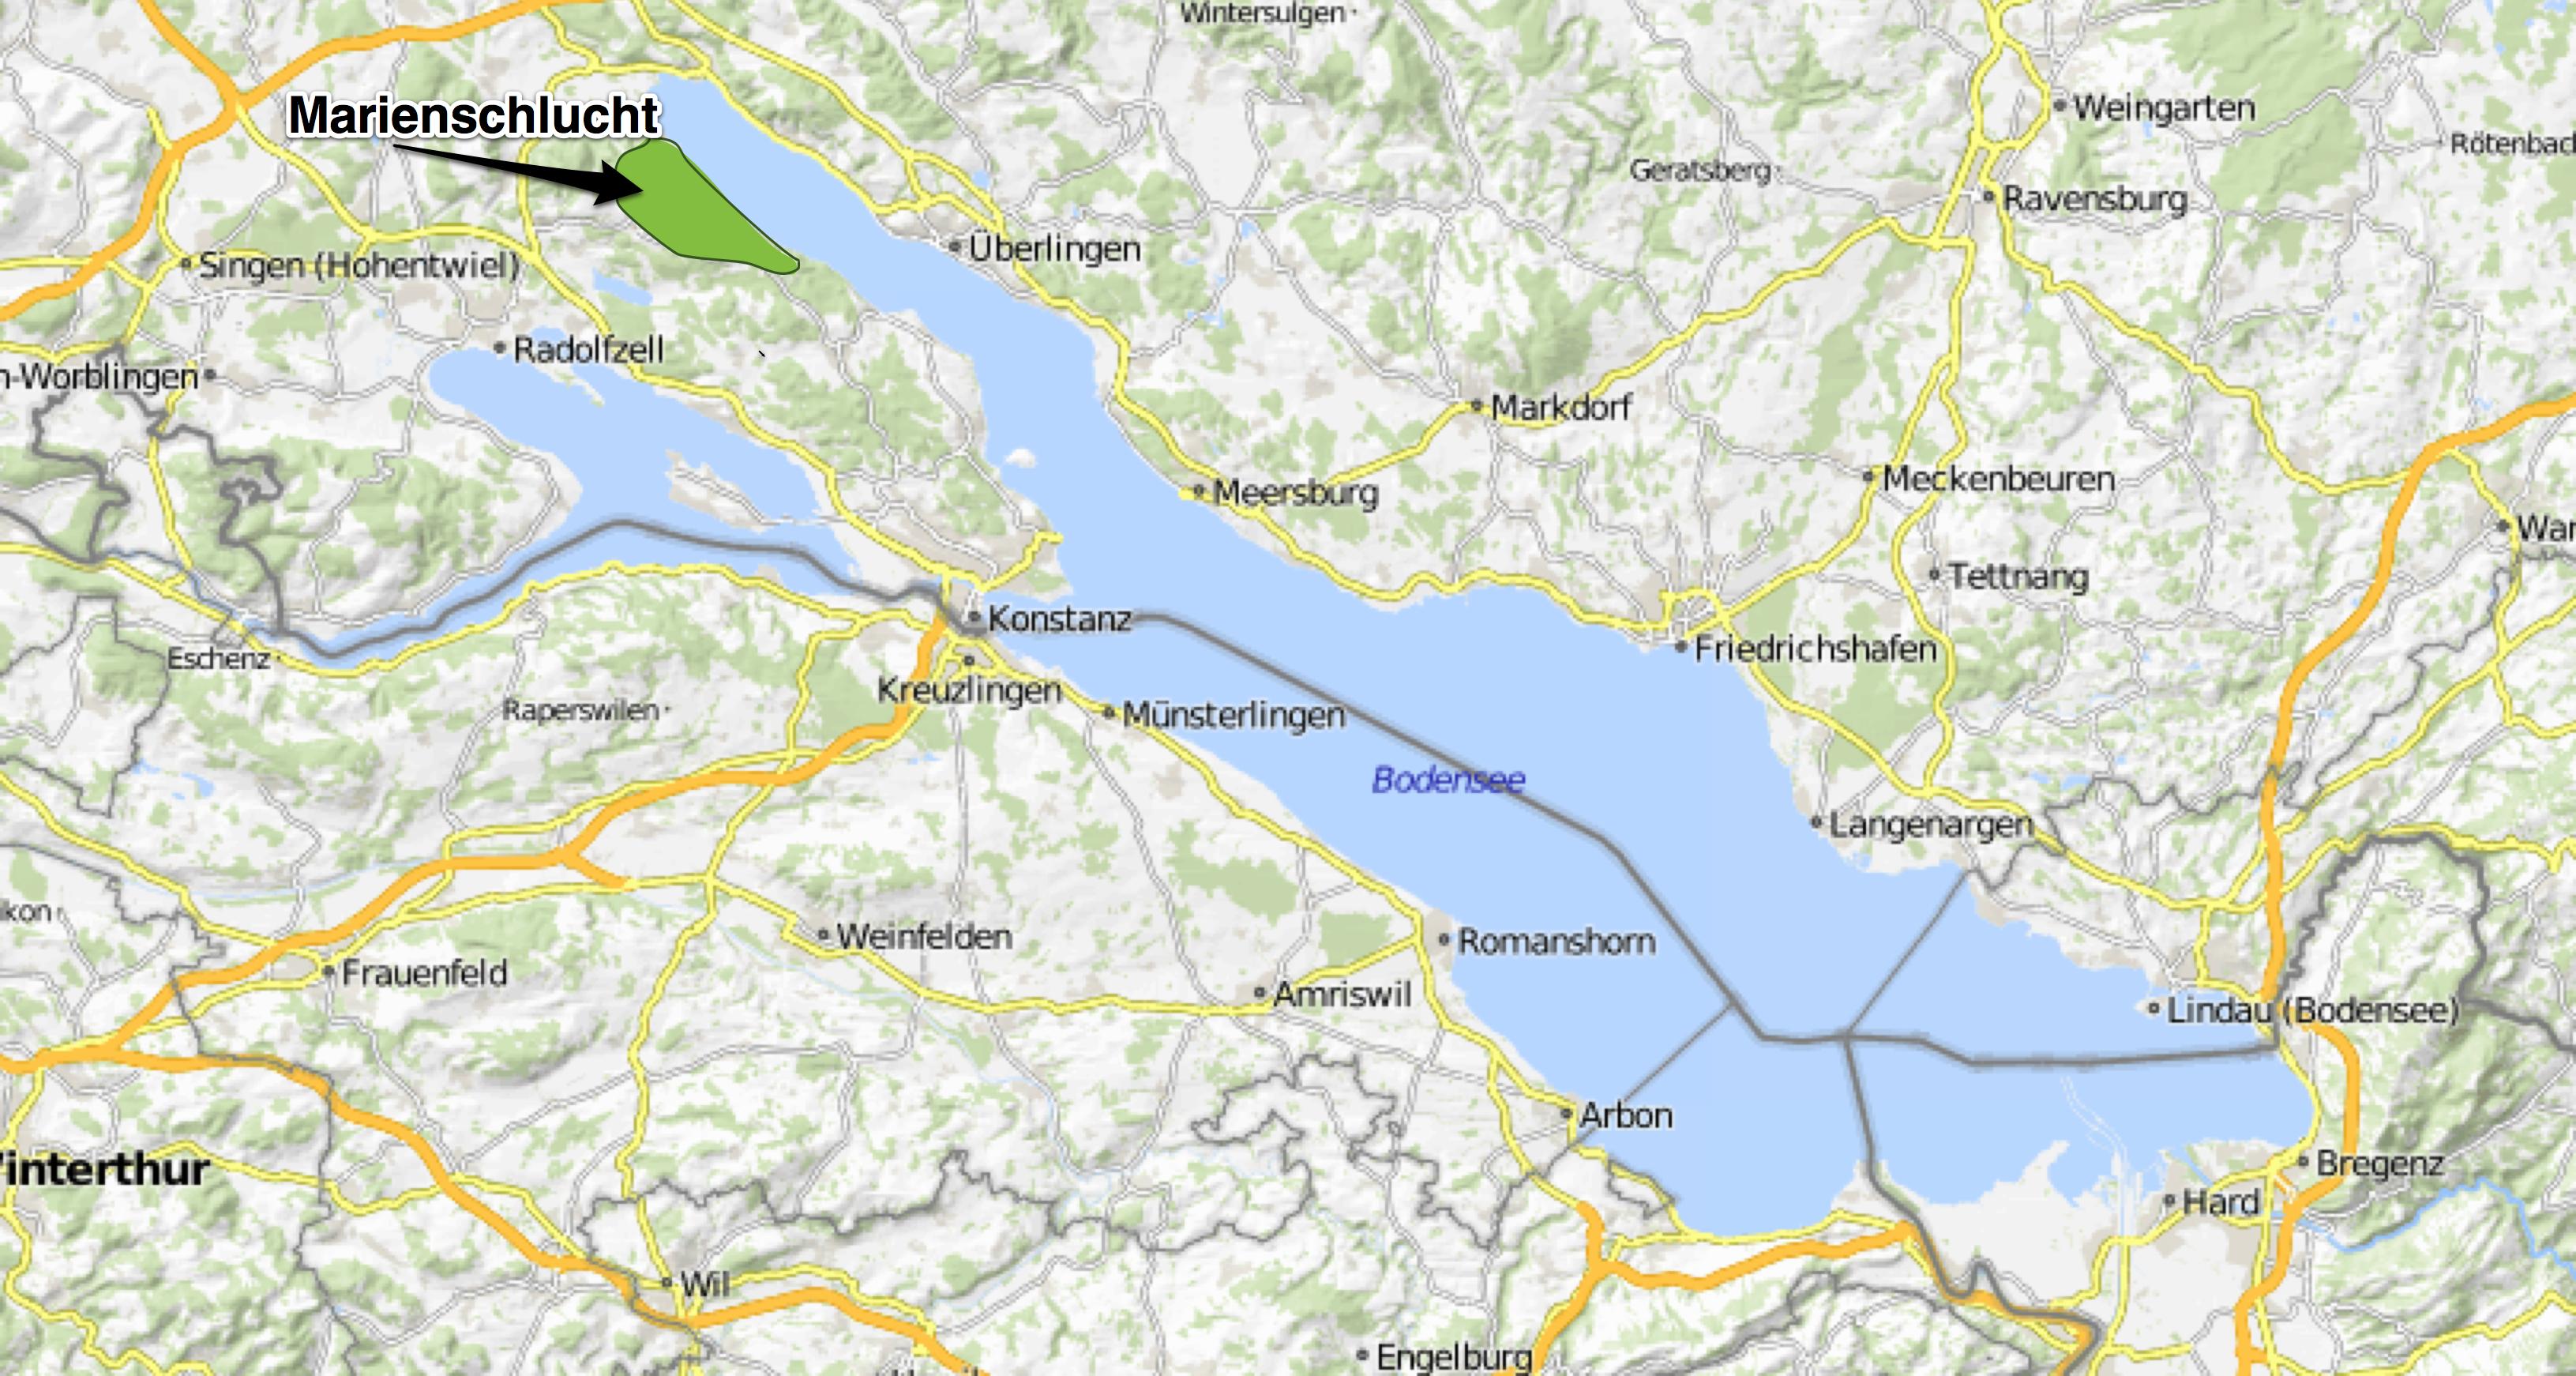 Bodensee Karte Schweiz.Marienschlucht Die Schonste Schlucht Am Bodensee